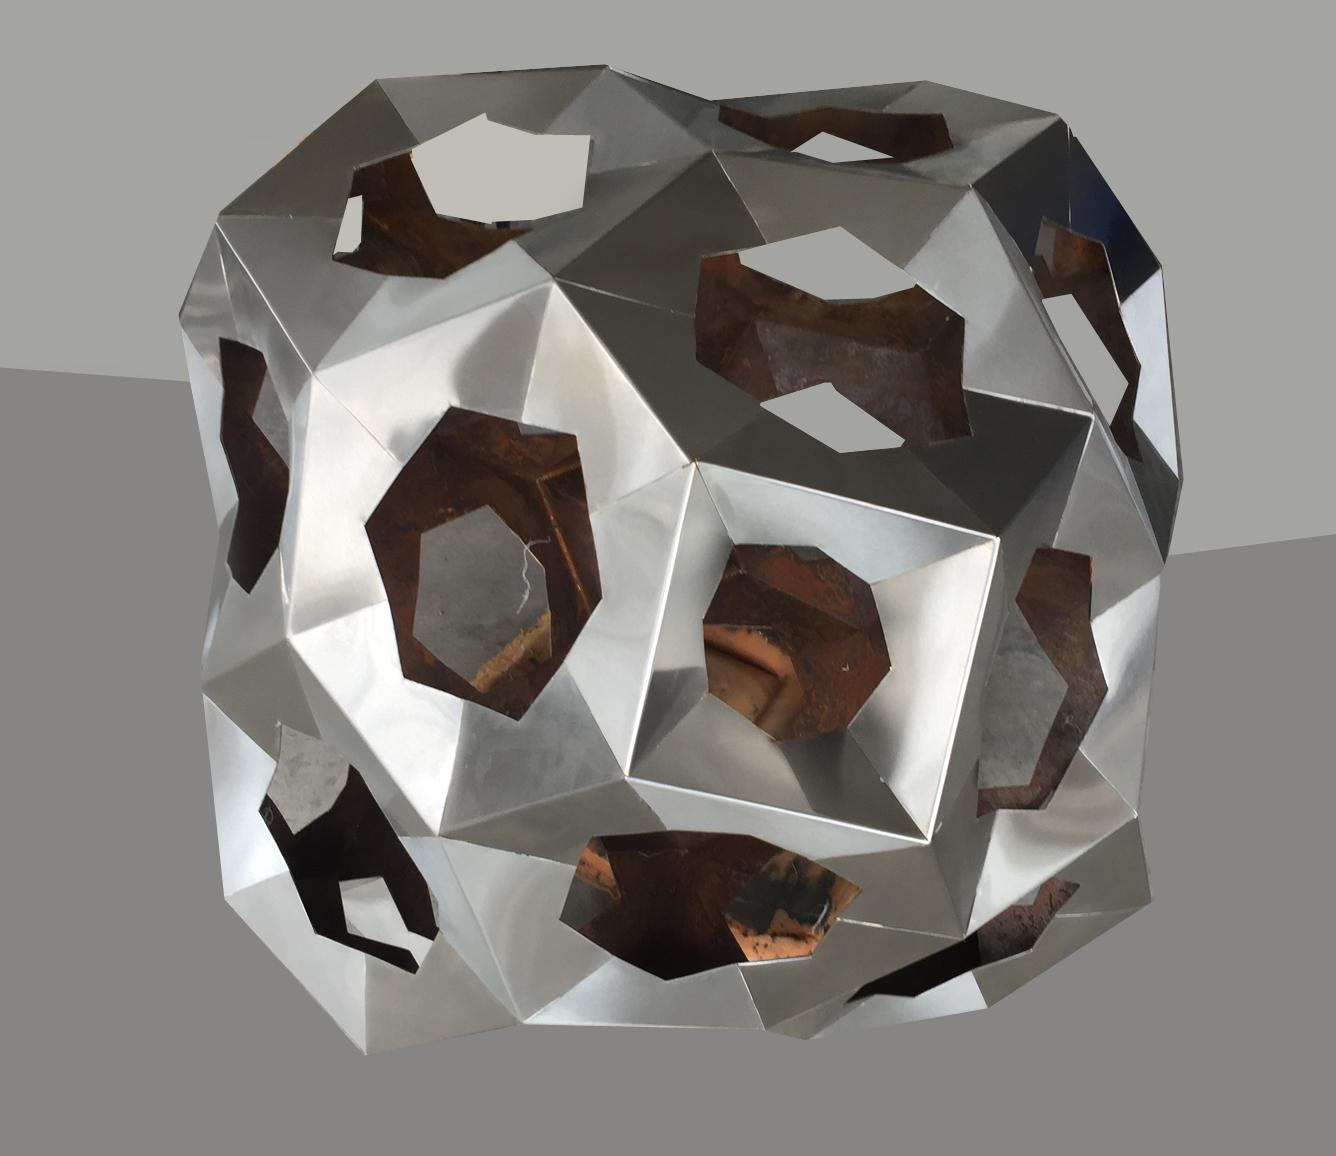 iliana-scheggia-poliedro